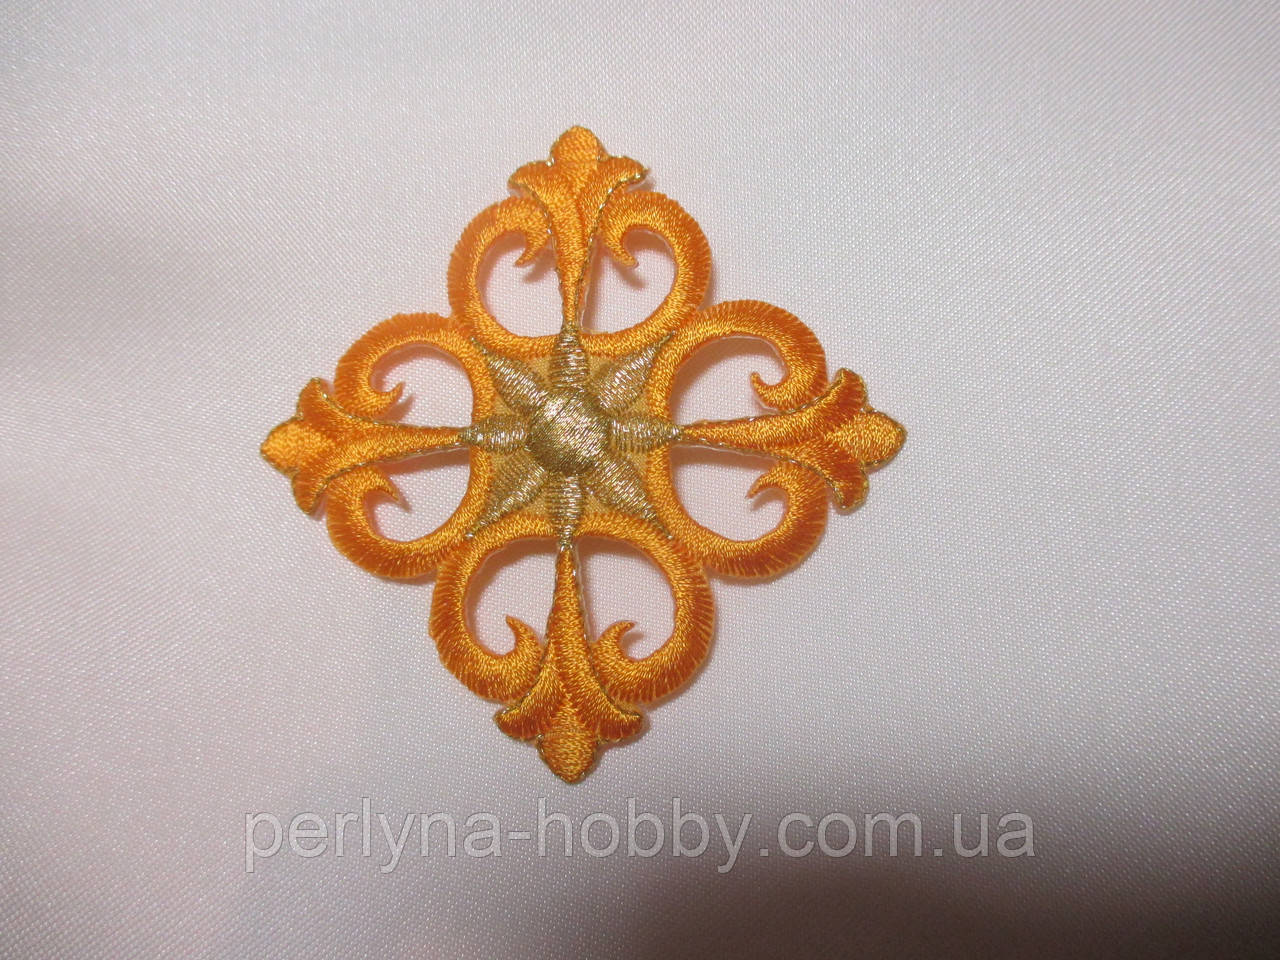 Хрестик вишитий, аплікація клейова 7,5х7,5 оранжевий. Крест аппликация клеевая вышивка